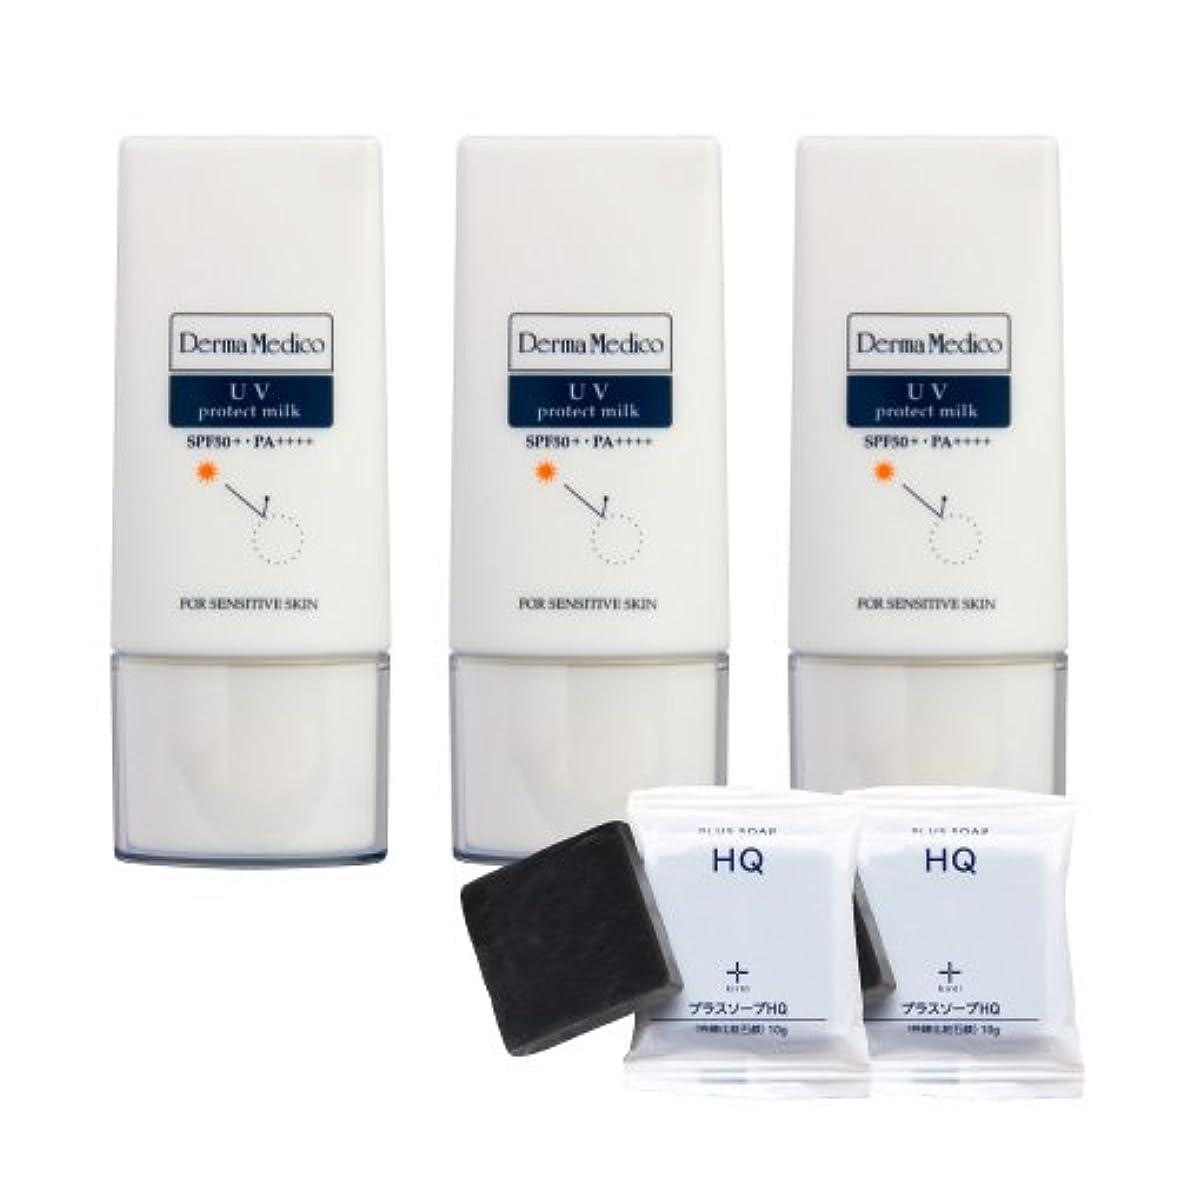 ダーマメディコ UVプロテクトミルク SPF50+ PA++++ (3個+ミニソープ2個セット)